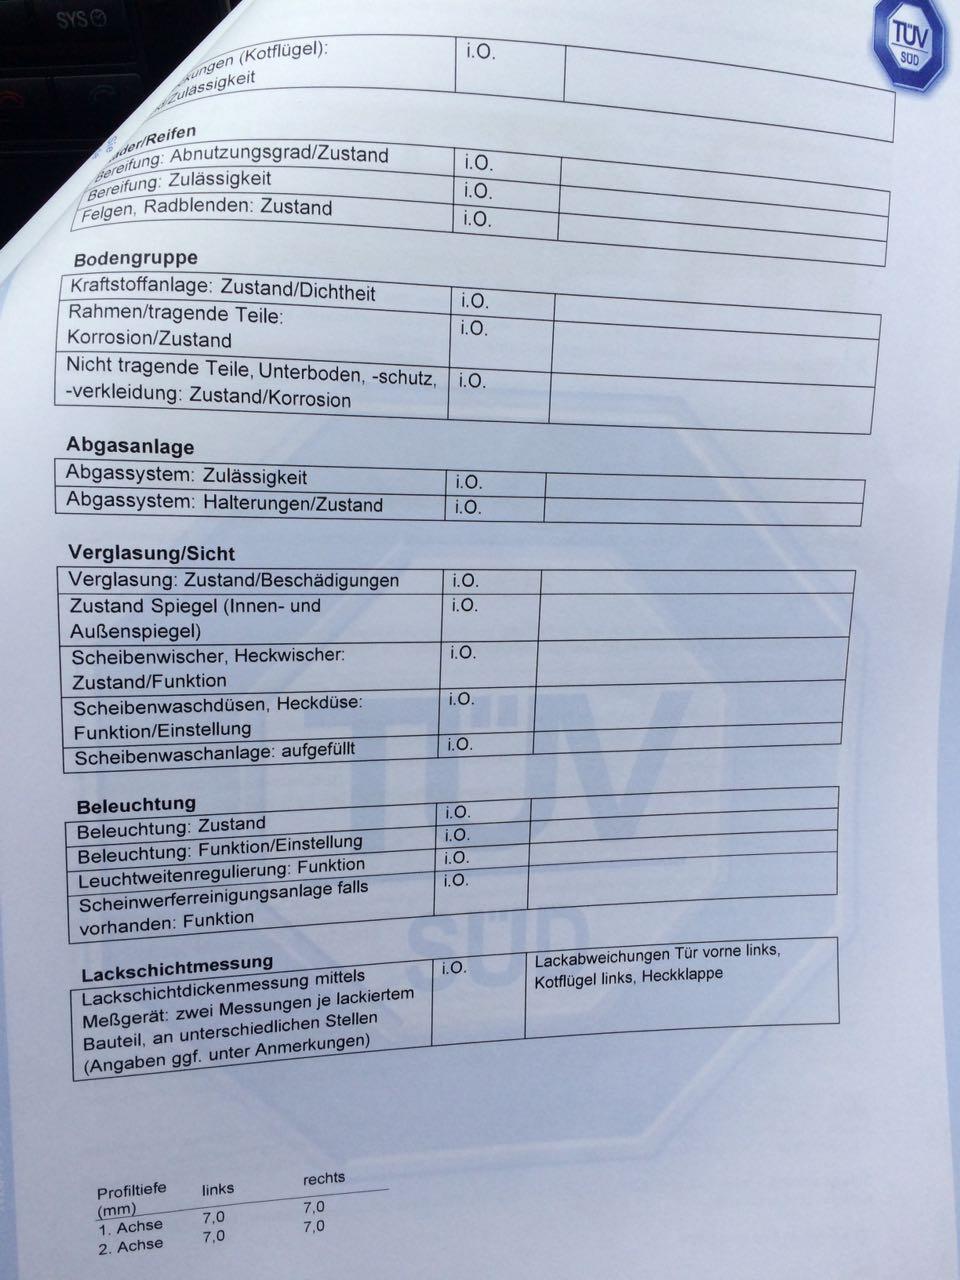 Preminat technicheski pregled na myasto v Germaniya. Mercedes C 200 CDI 2.2D Avantgarde , 136 к.с. 10.08.2017 TÜV (4)